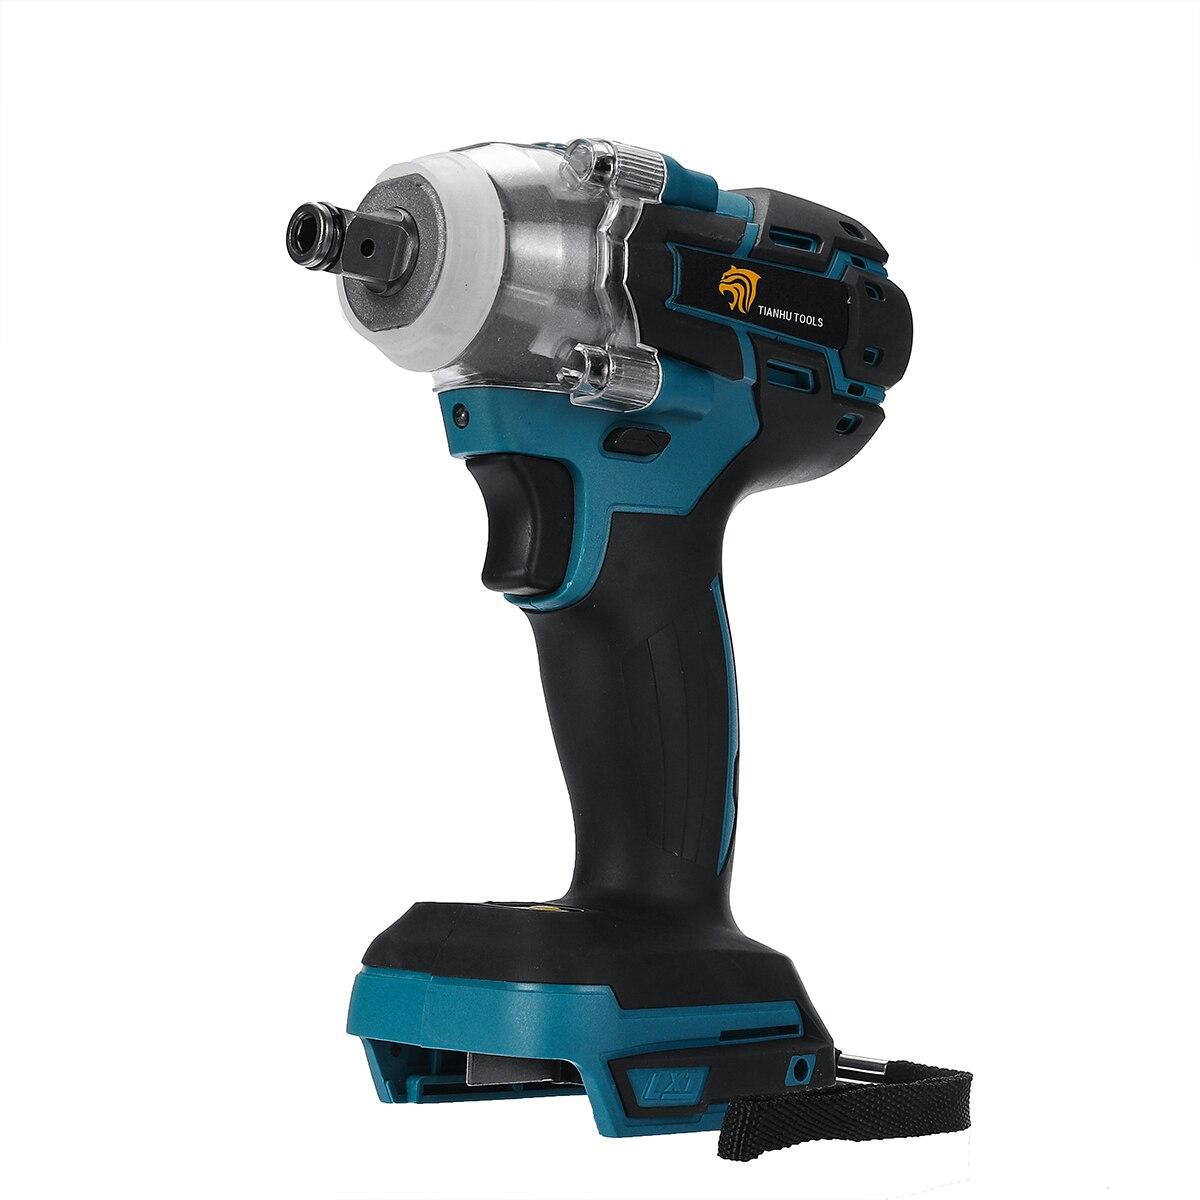 18V Elektrische Wiederaufladbare Bürstenlosen Schlagschrauber Cordless 1/2 Steckschlüssel Power Tool Für Makita Batterie DTW285Z